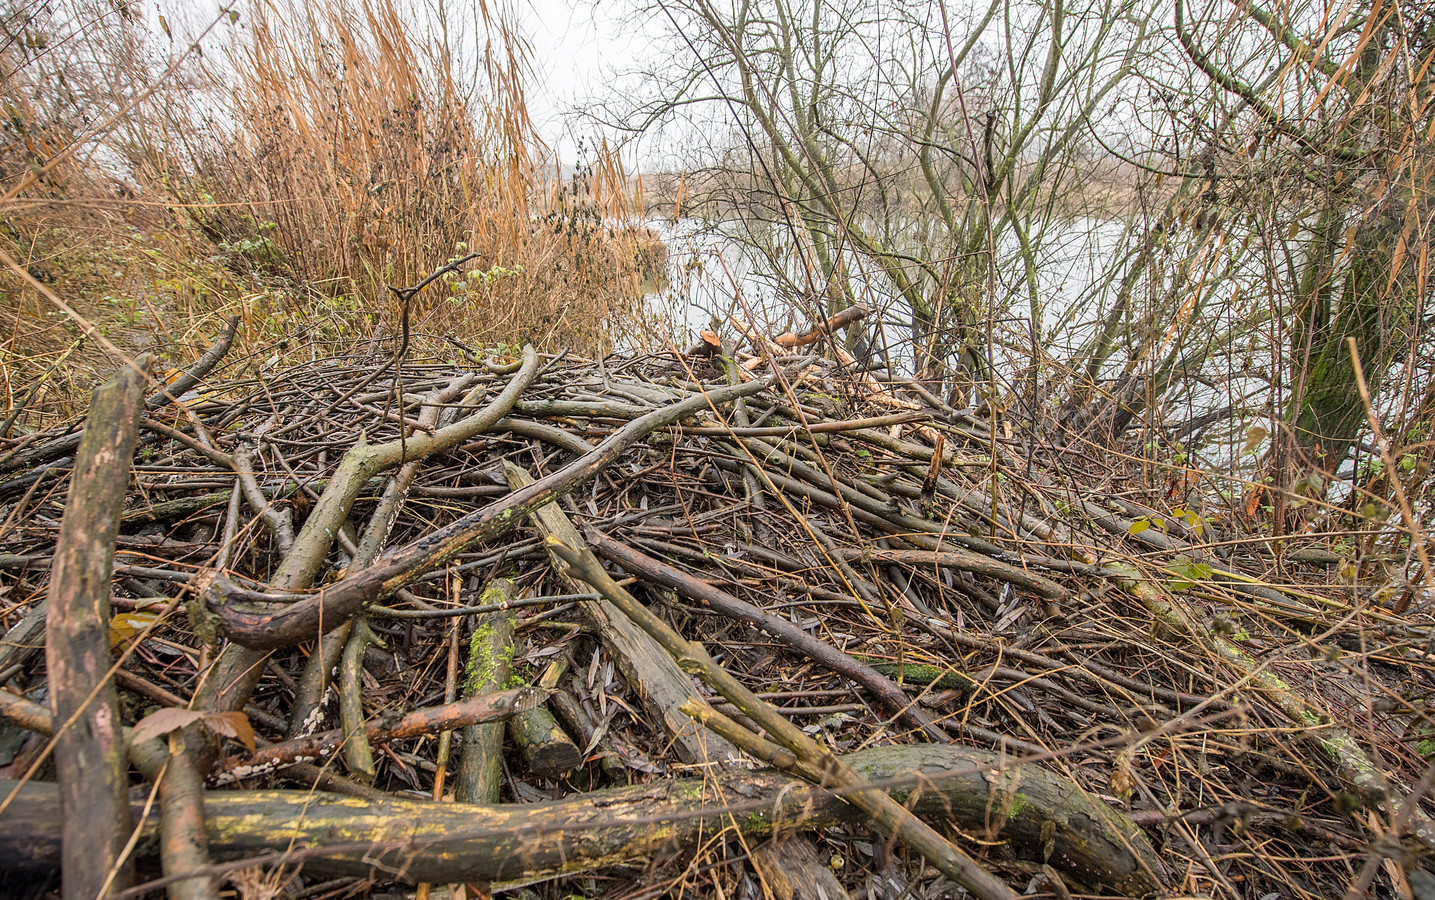 Een beverburcht bij Empel. Zover is het nog niet bij Haanwijk en Oud Herlaer, maar er is wel volop schade aan de dijk en 'graverij' van de bever.